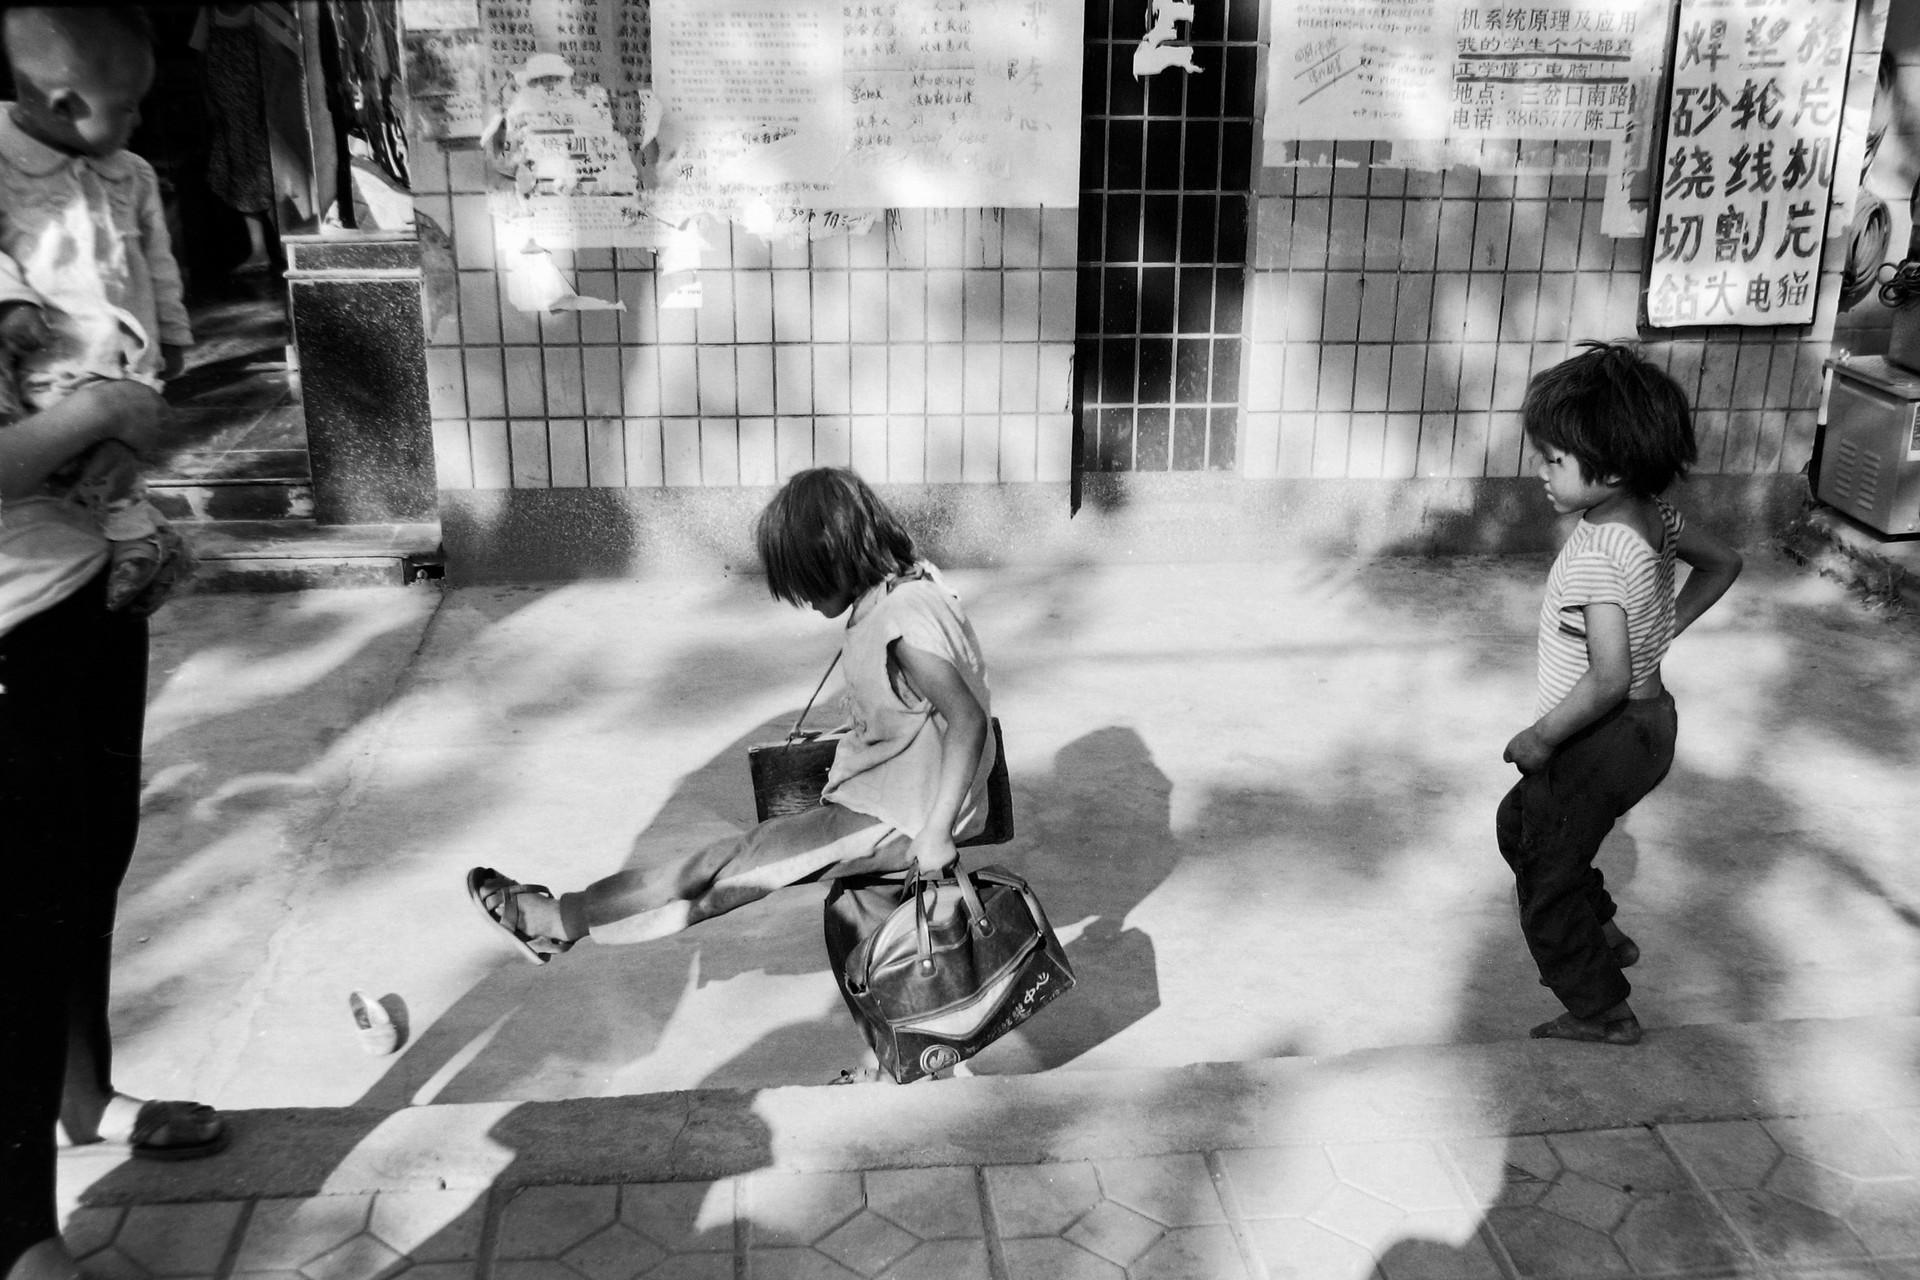 四川小孩子 Sichuan children 1996